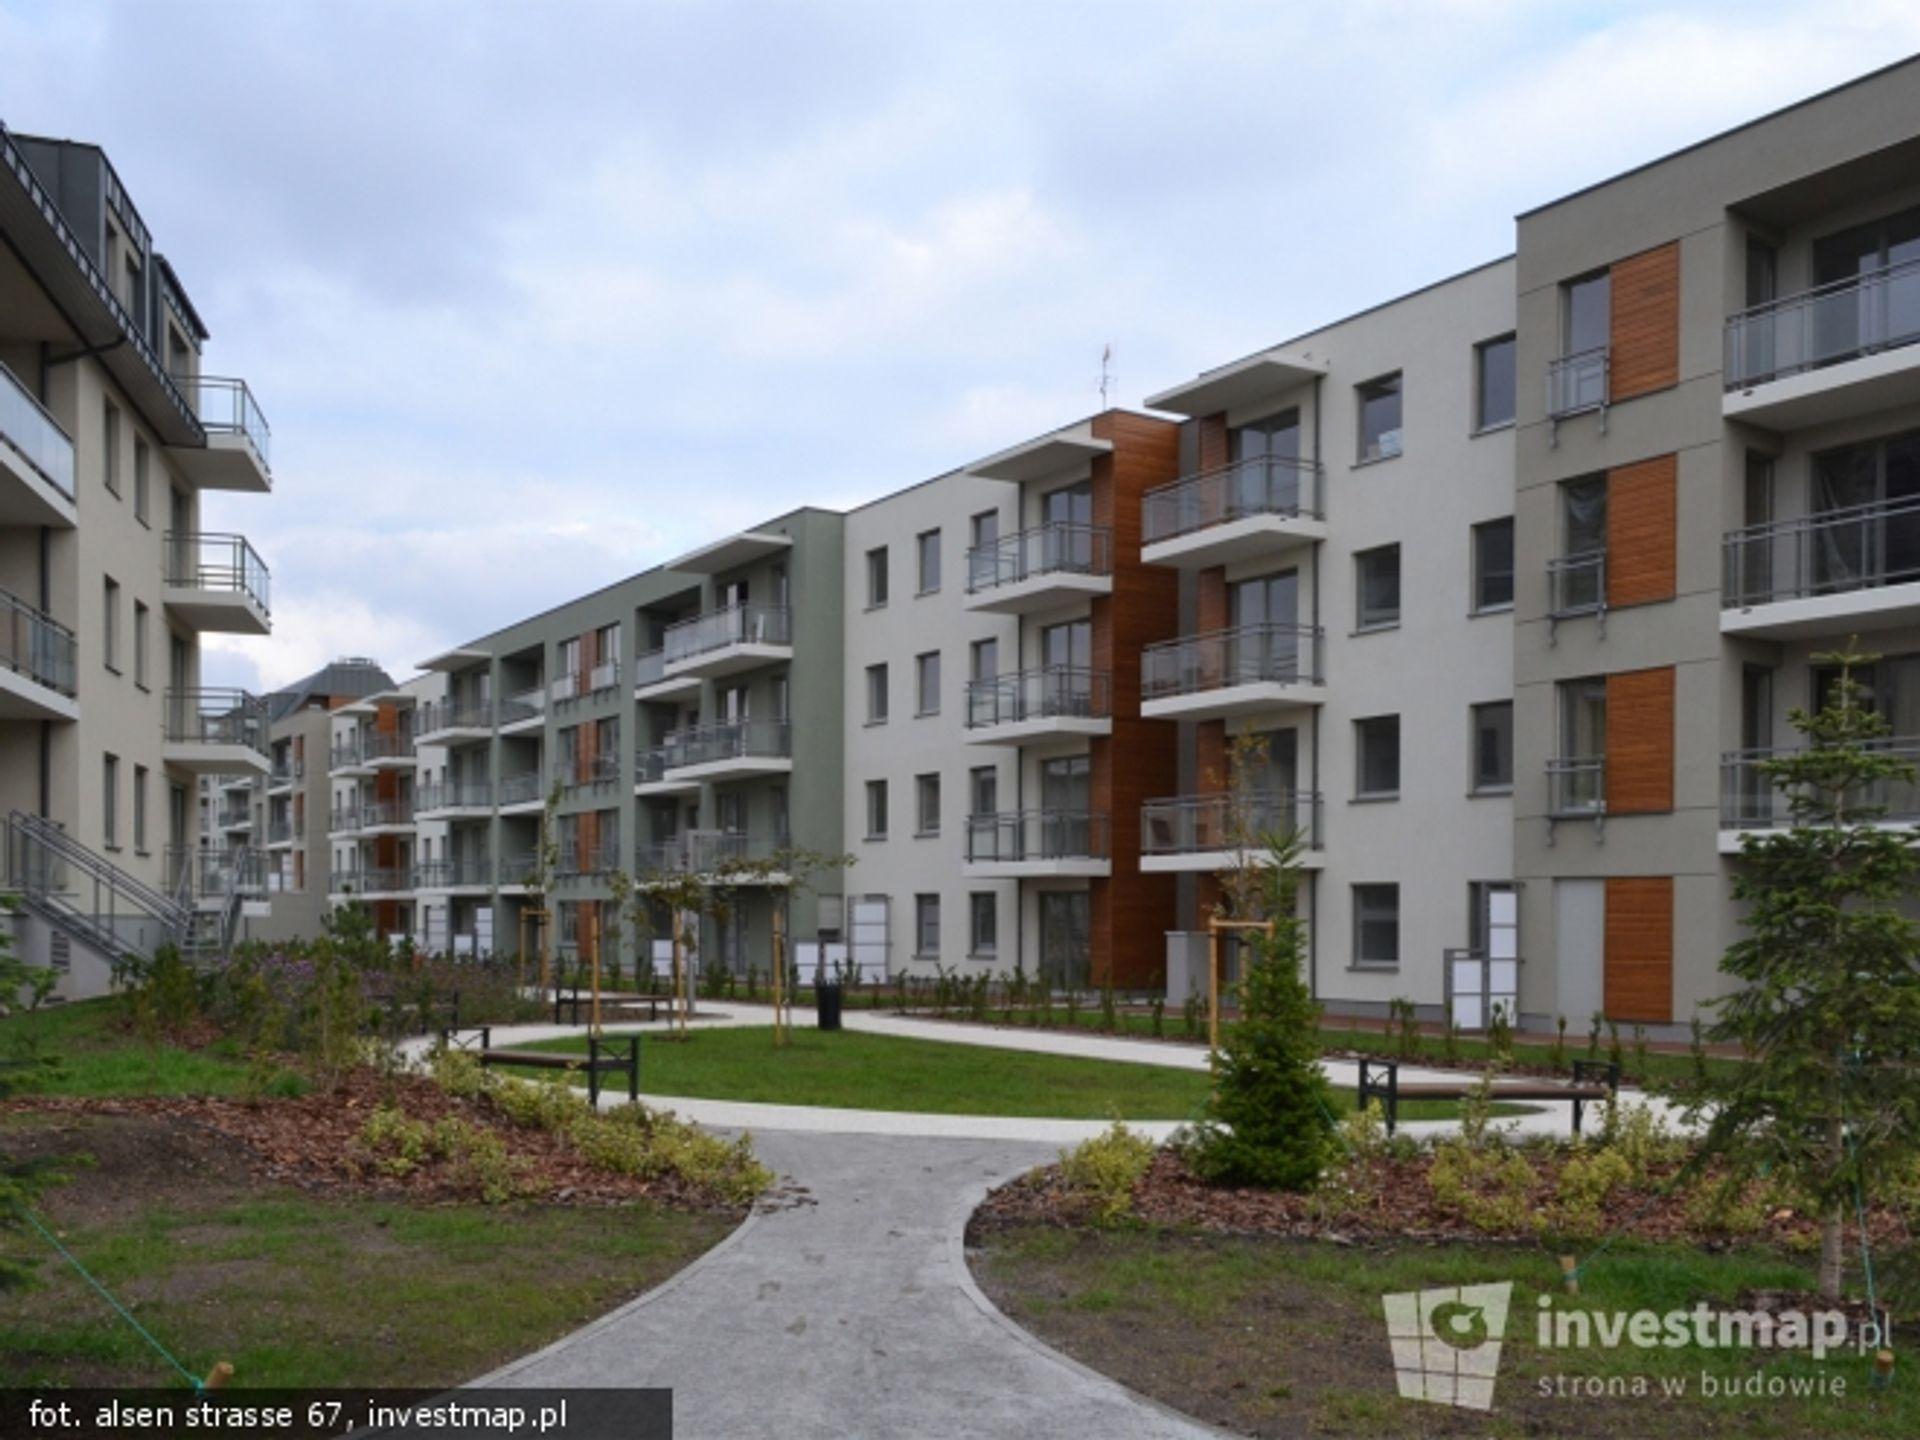 [Wrocław] Archicom rozpoczyna przekazywanie mieszkań w kolejnym etapie Ogrodów Hallera